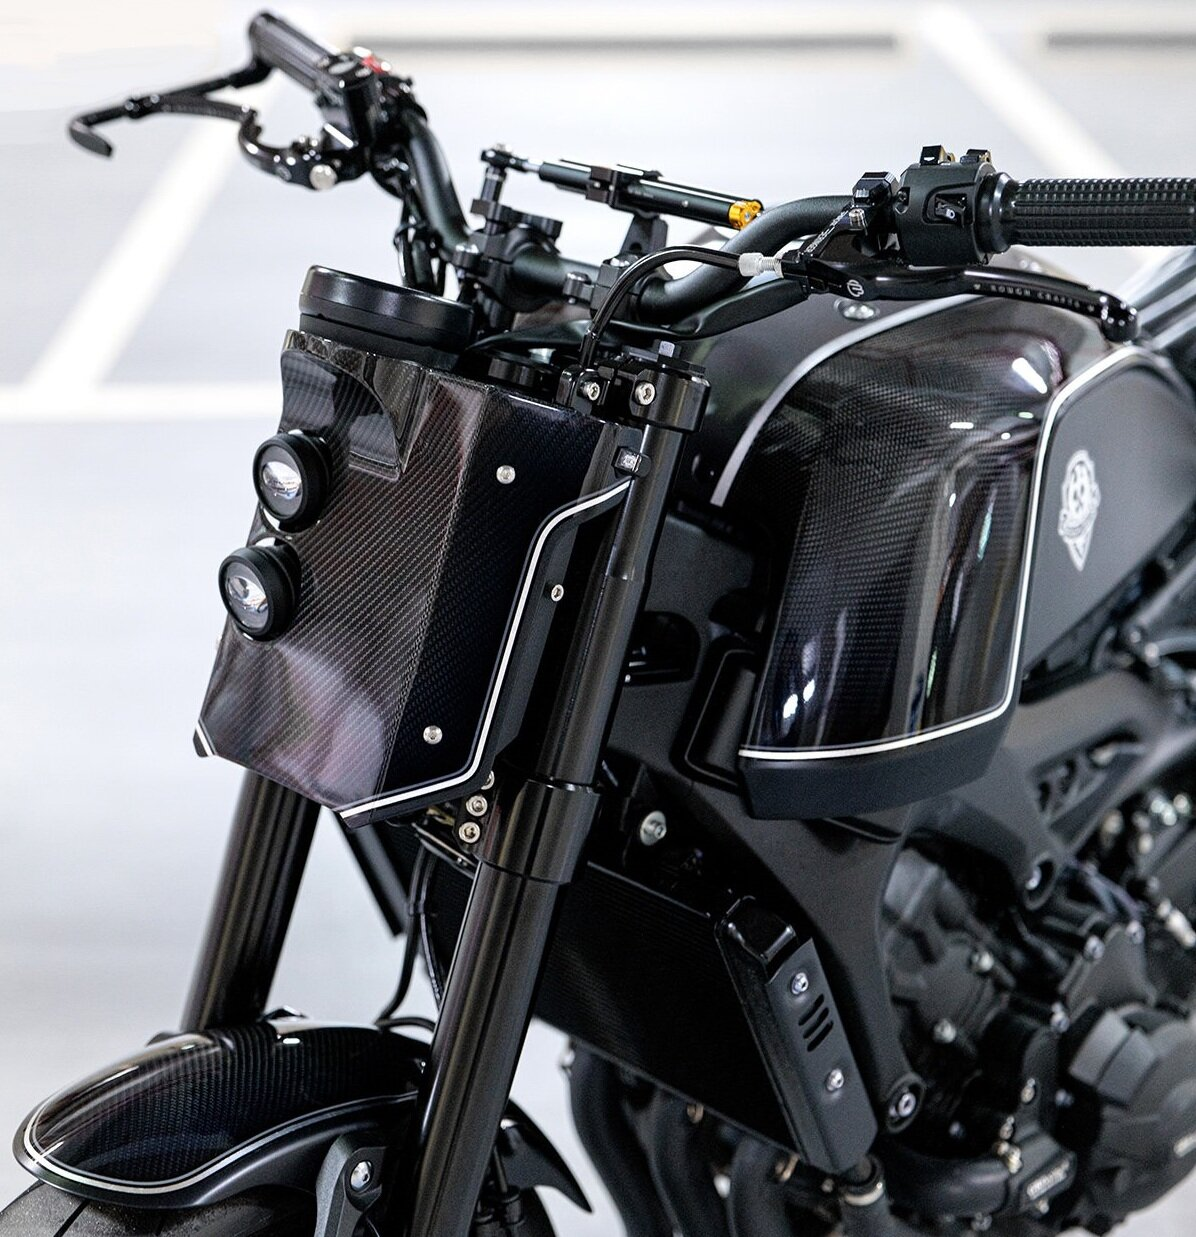 Yamaha XSR900 Rough Crafts